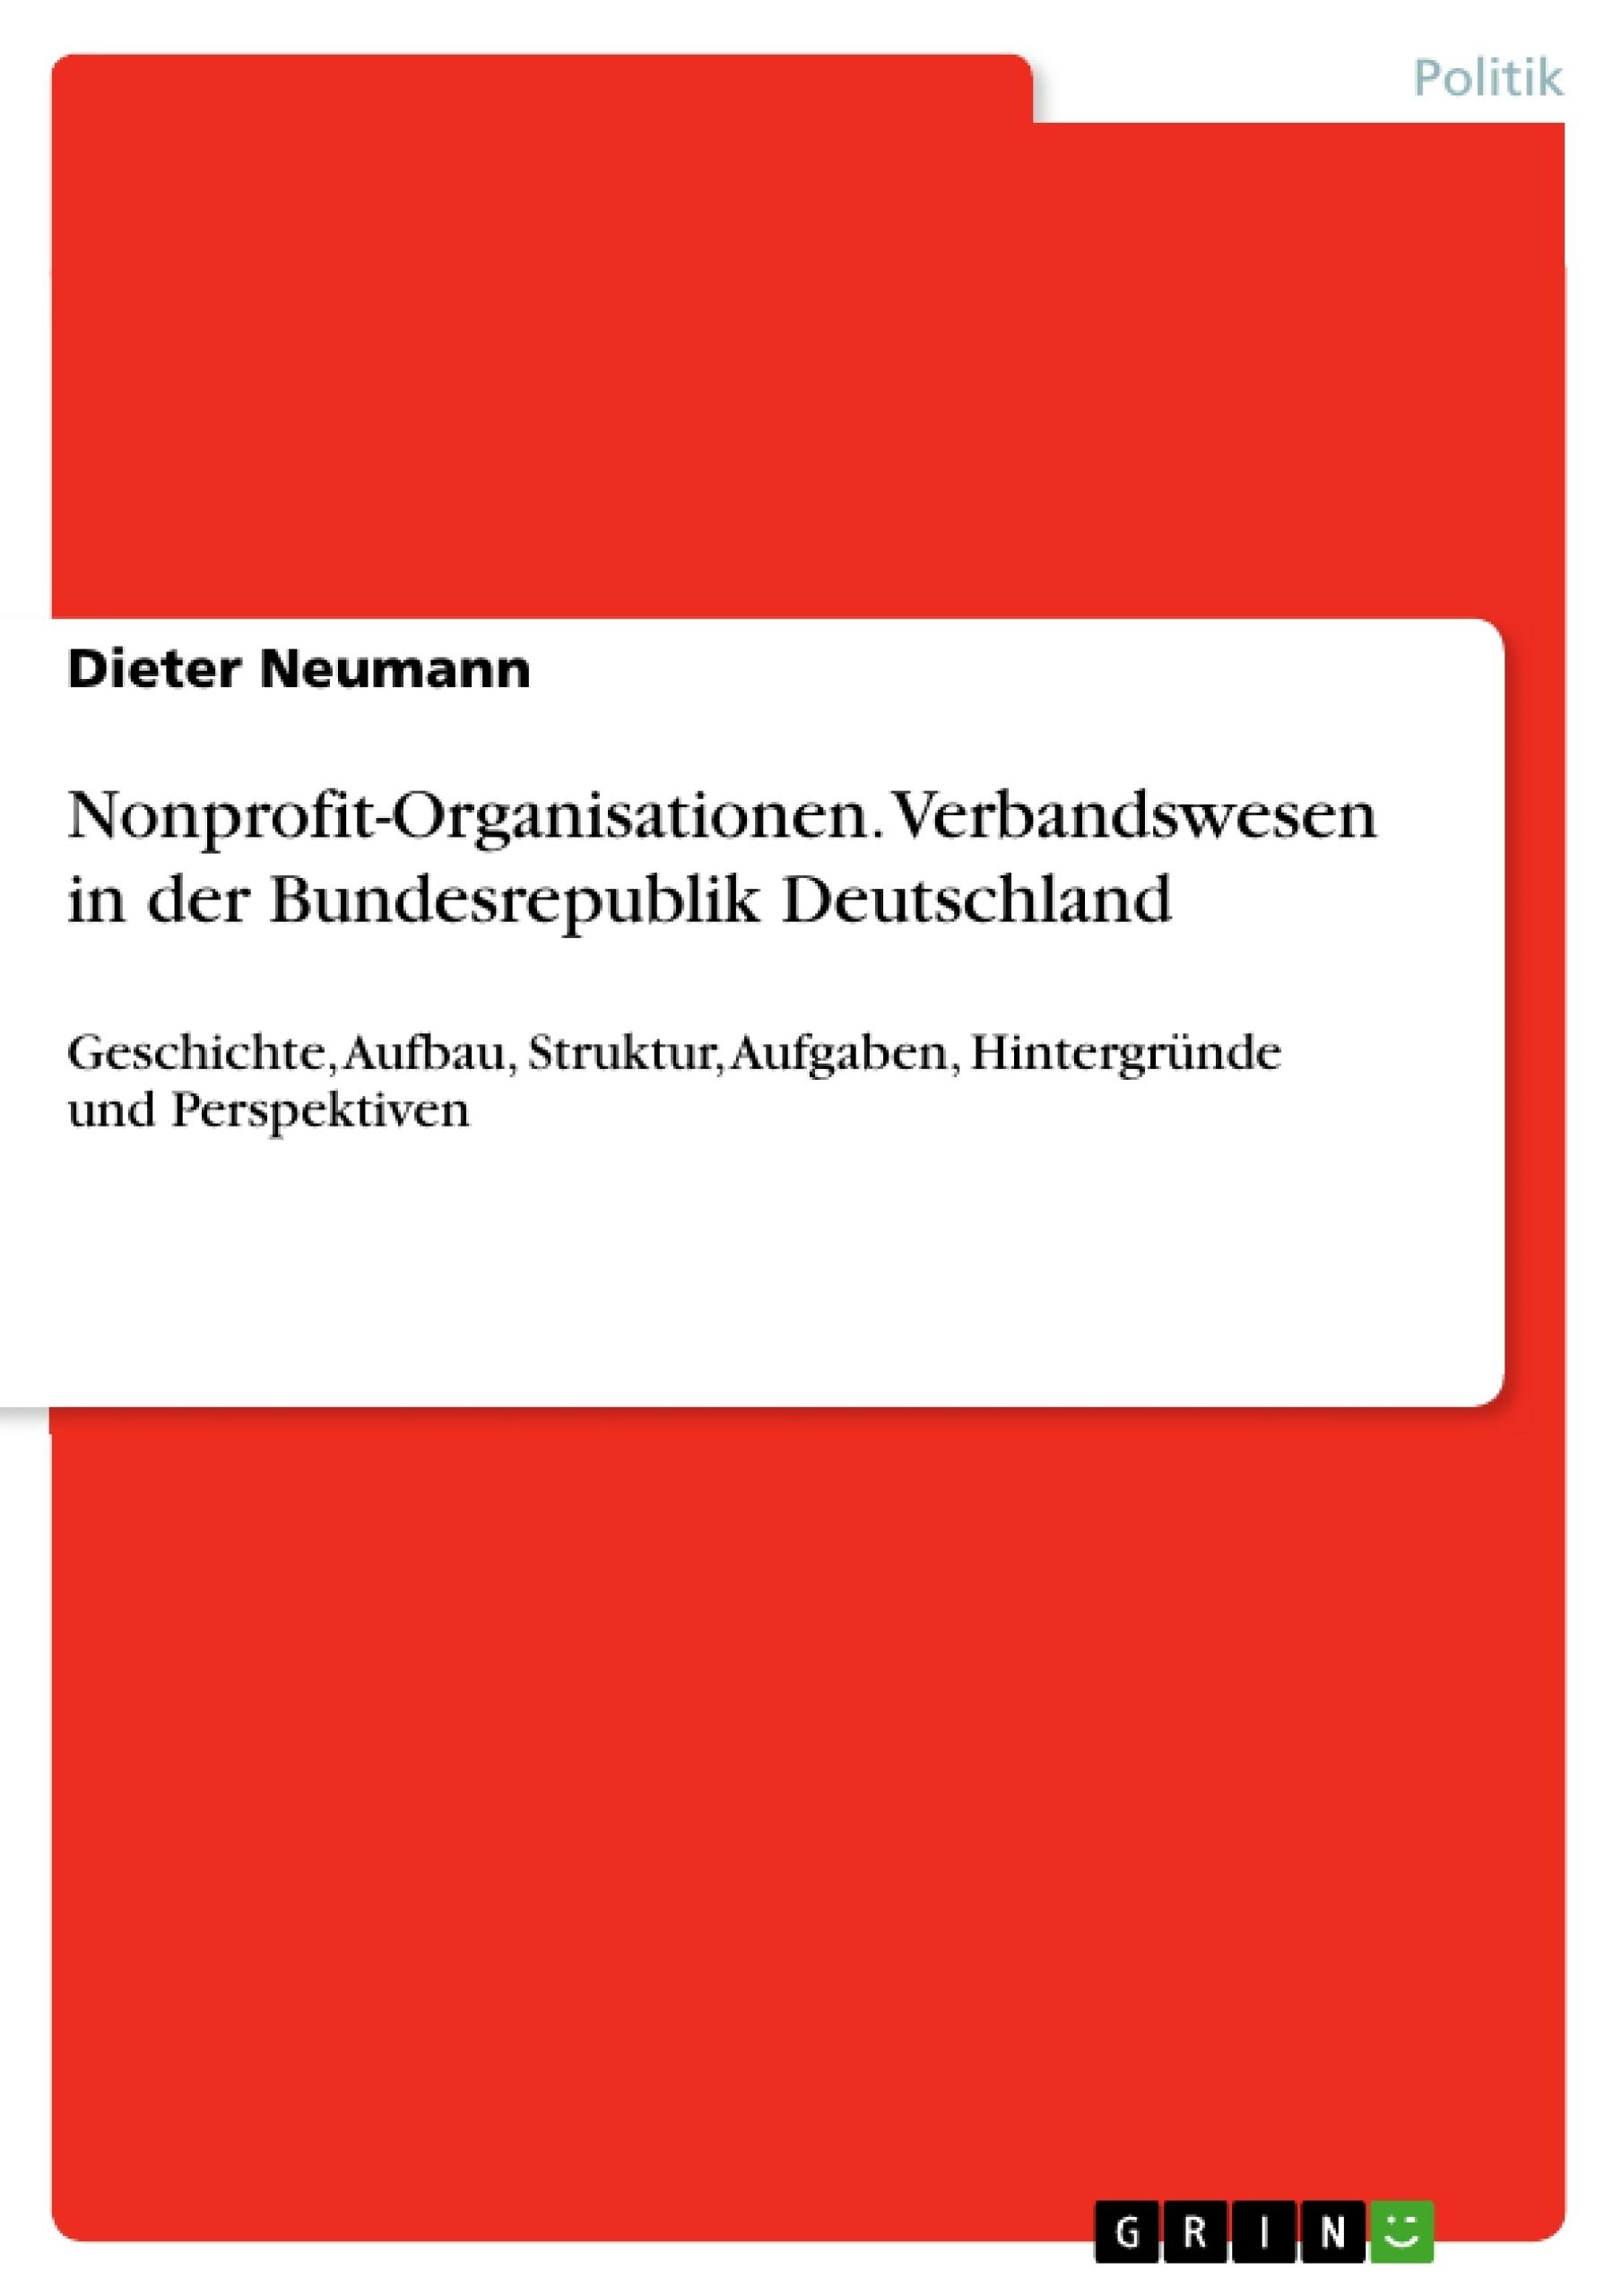 Titel: Nonprofit-Organisationen. Verbandswesen in der Bundesrepublik Deutschland